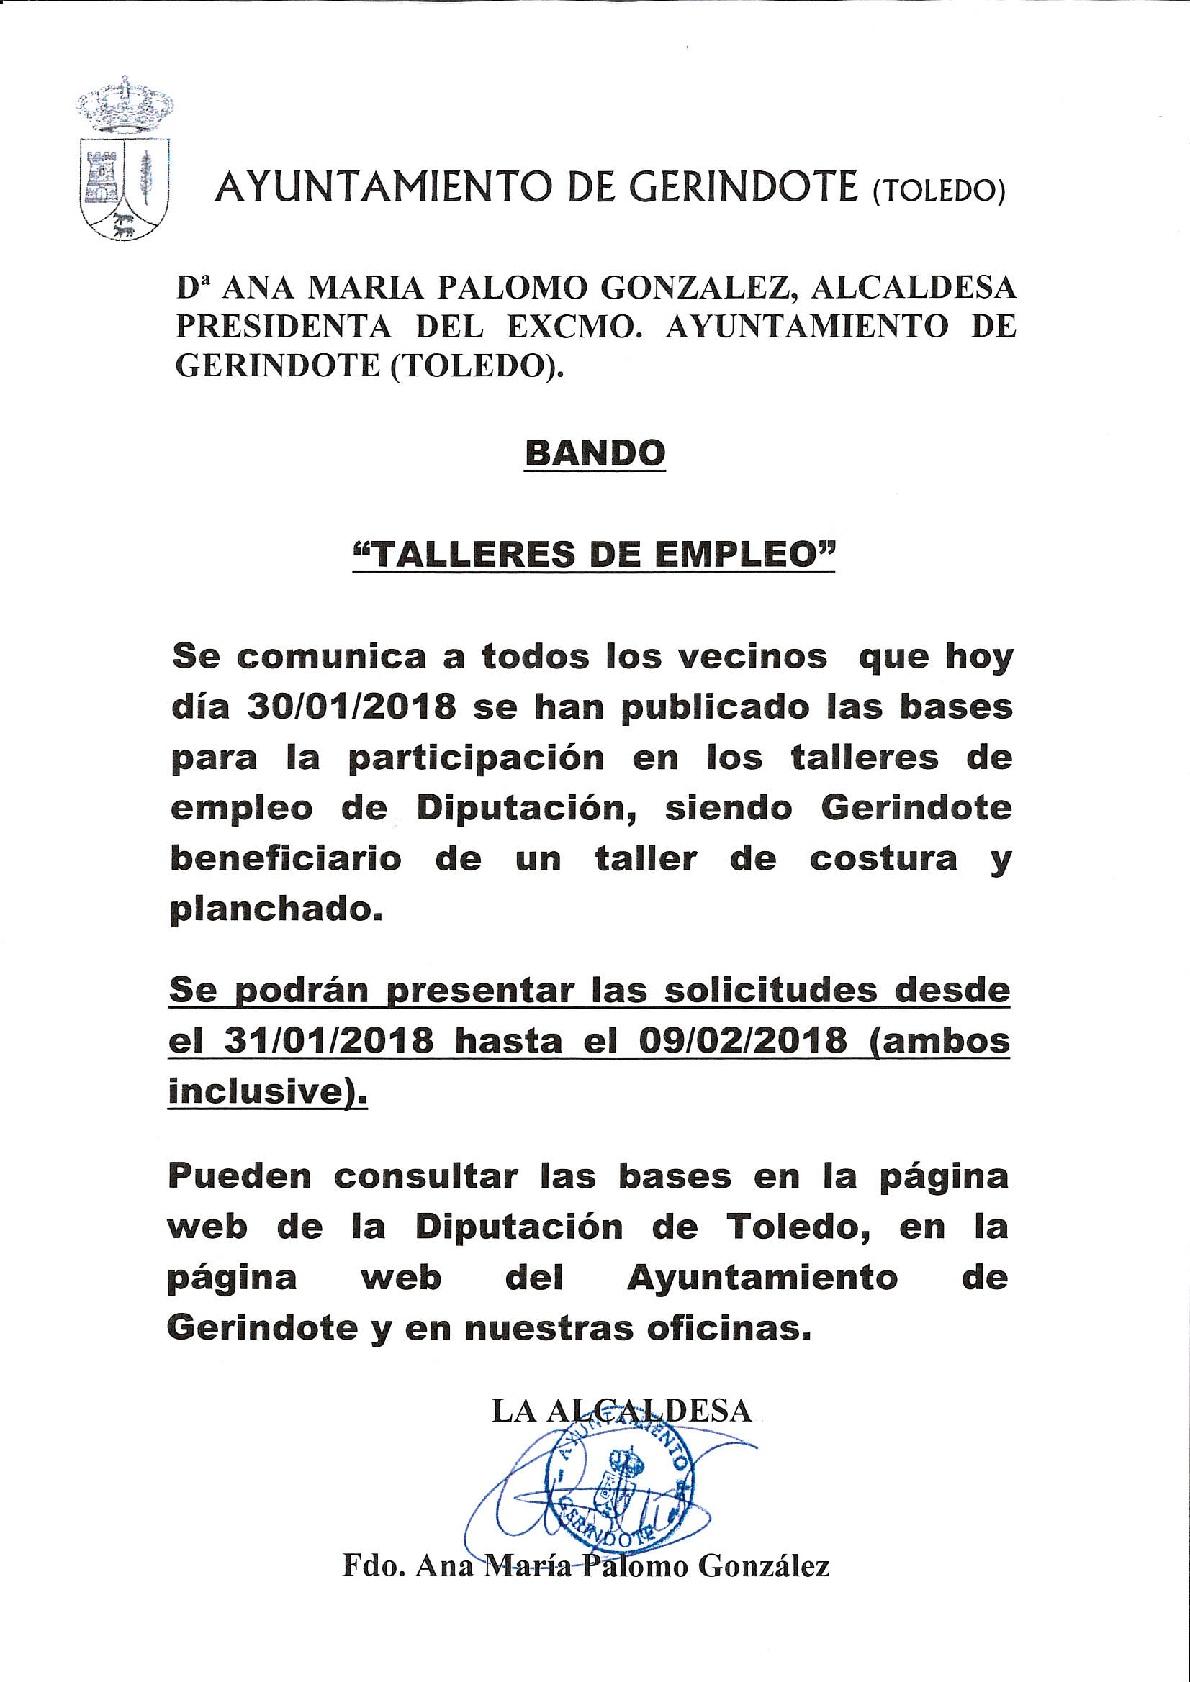 BANDO-001